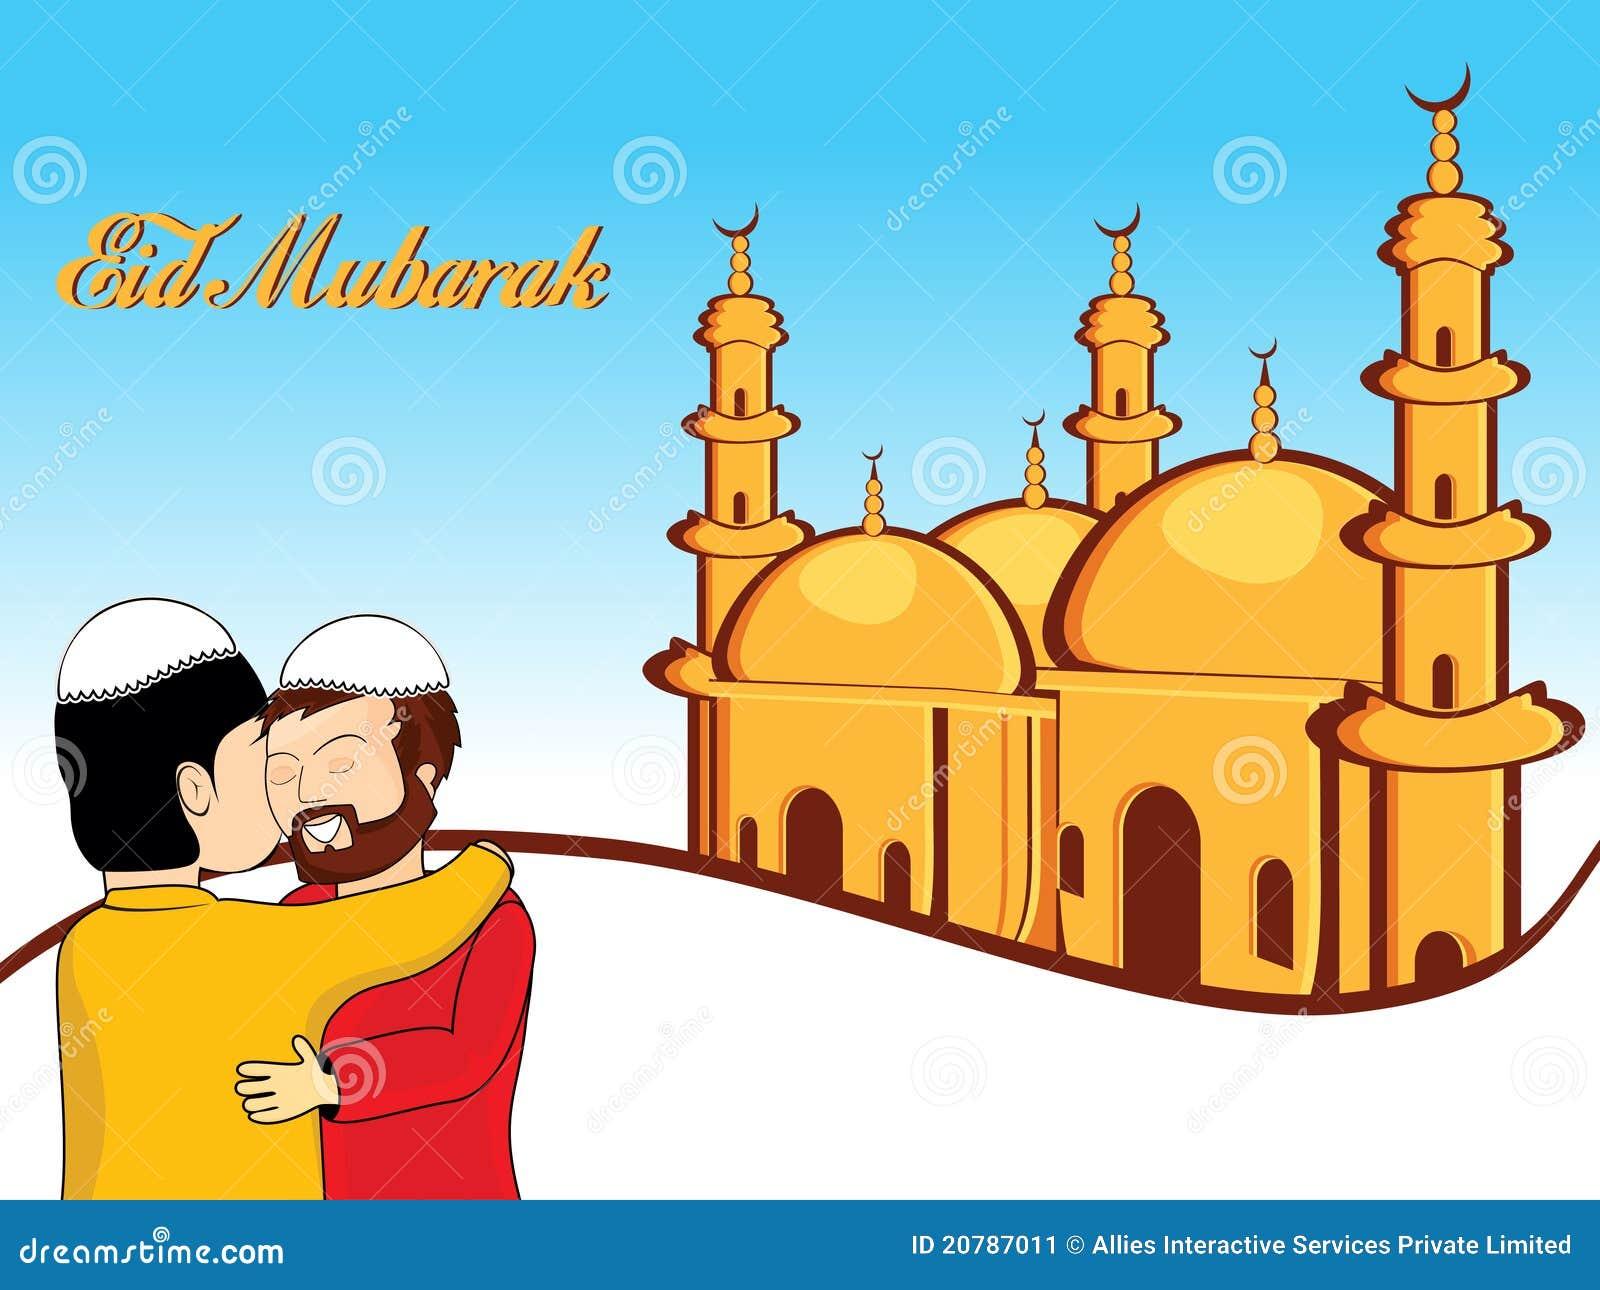 Illustration For Eid Mubarak Stock Image - Image: 20787011